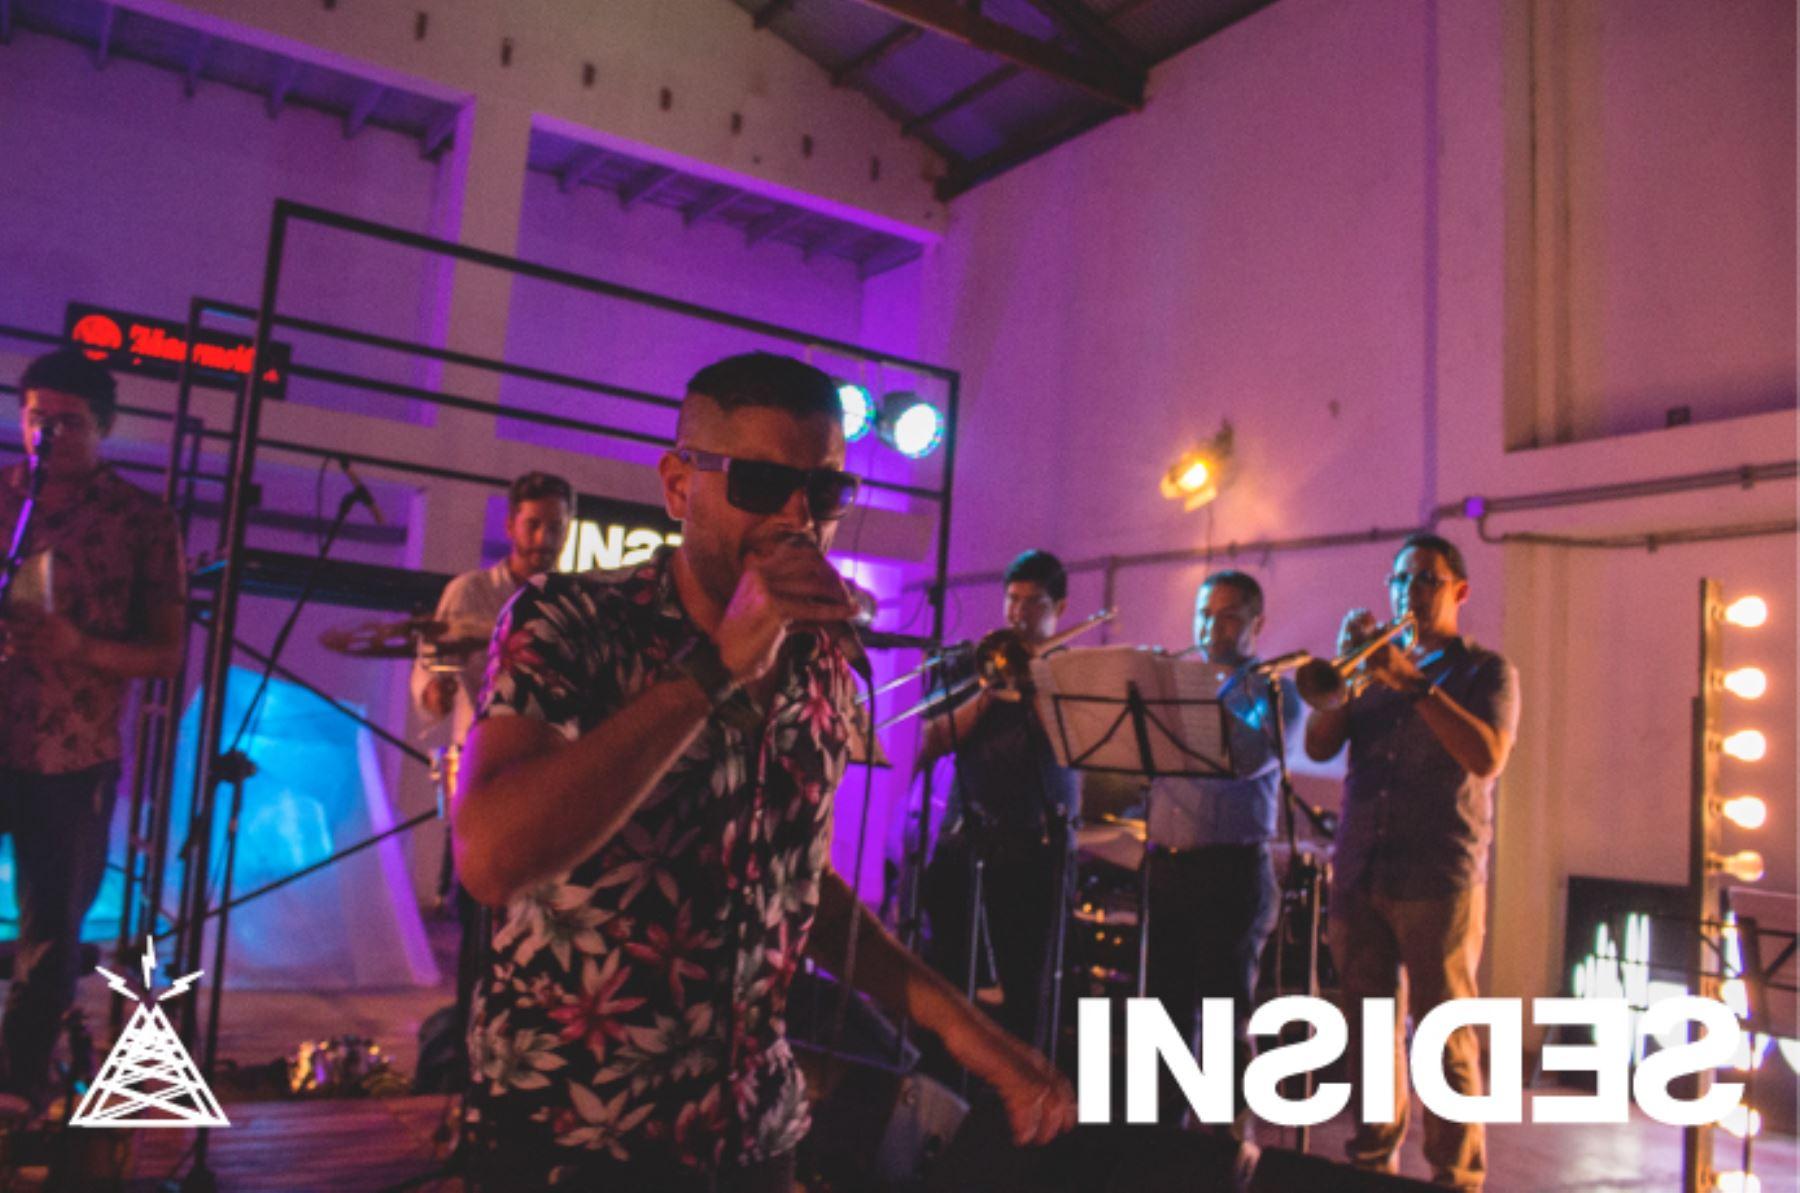 La banda Ray Callao mostrará su trabajo y energía musical en los cines. ANDINA/Difusión